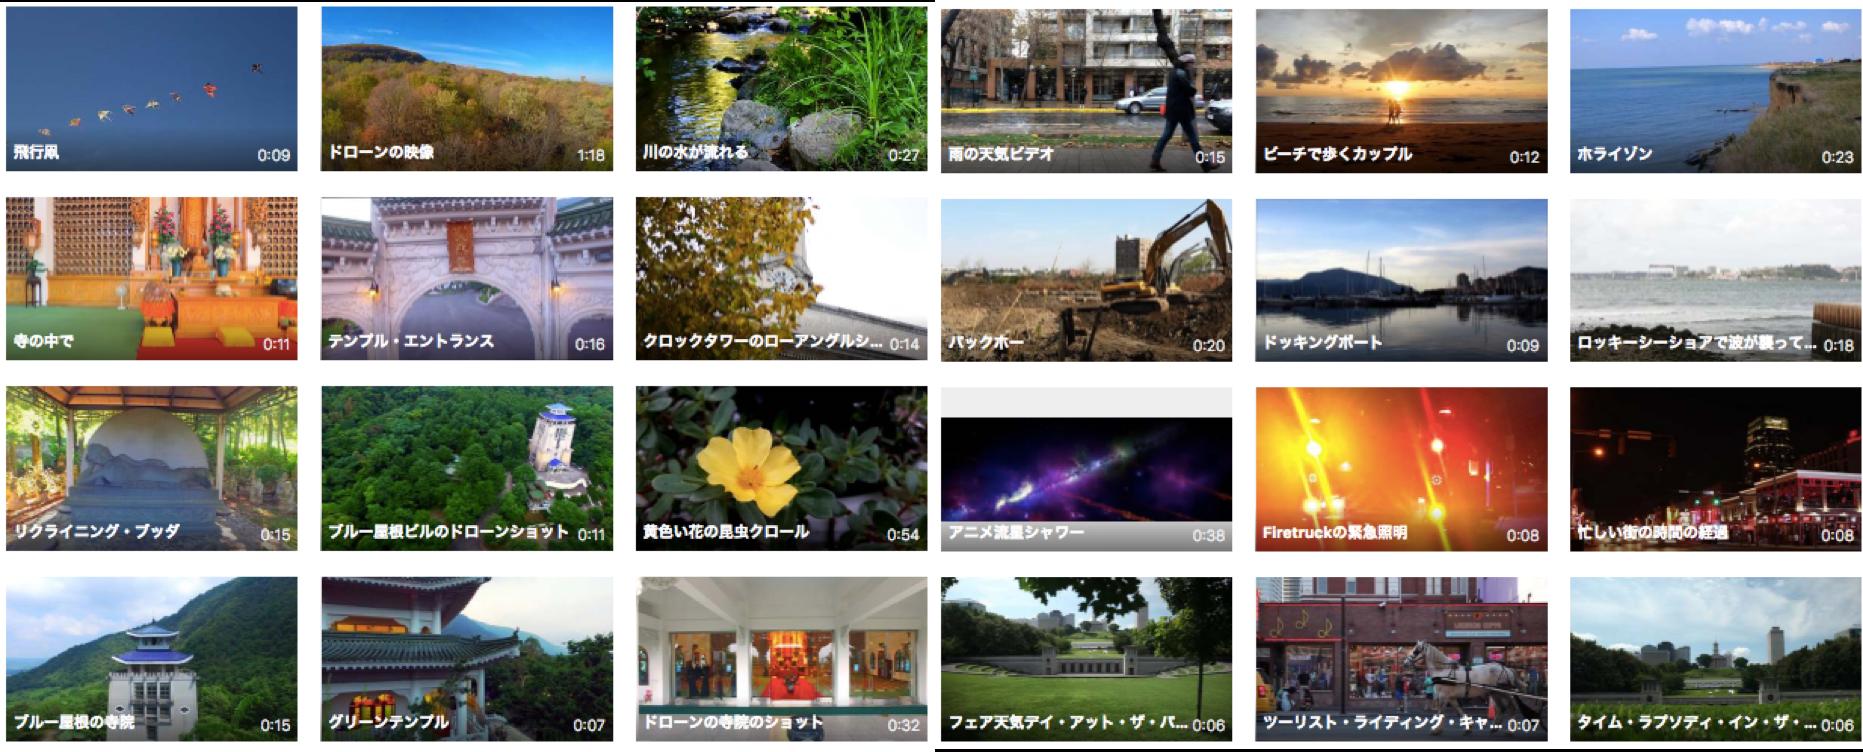 【保存版】Web制作に無料の動画素材集!背景にぴったりな映像があるサイト16選